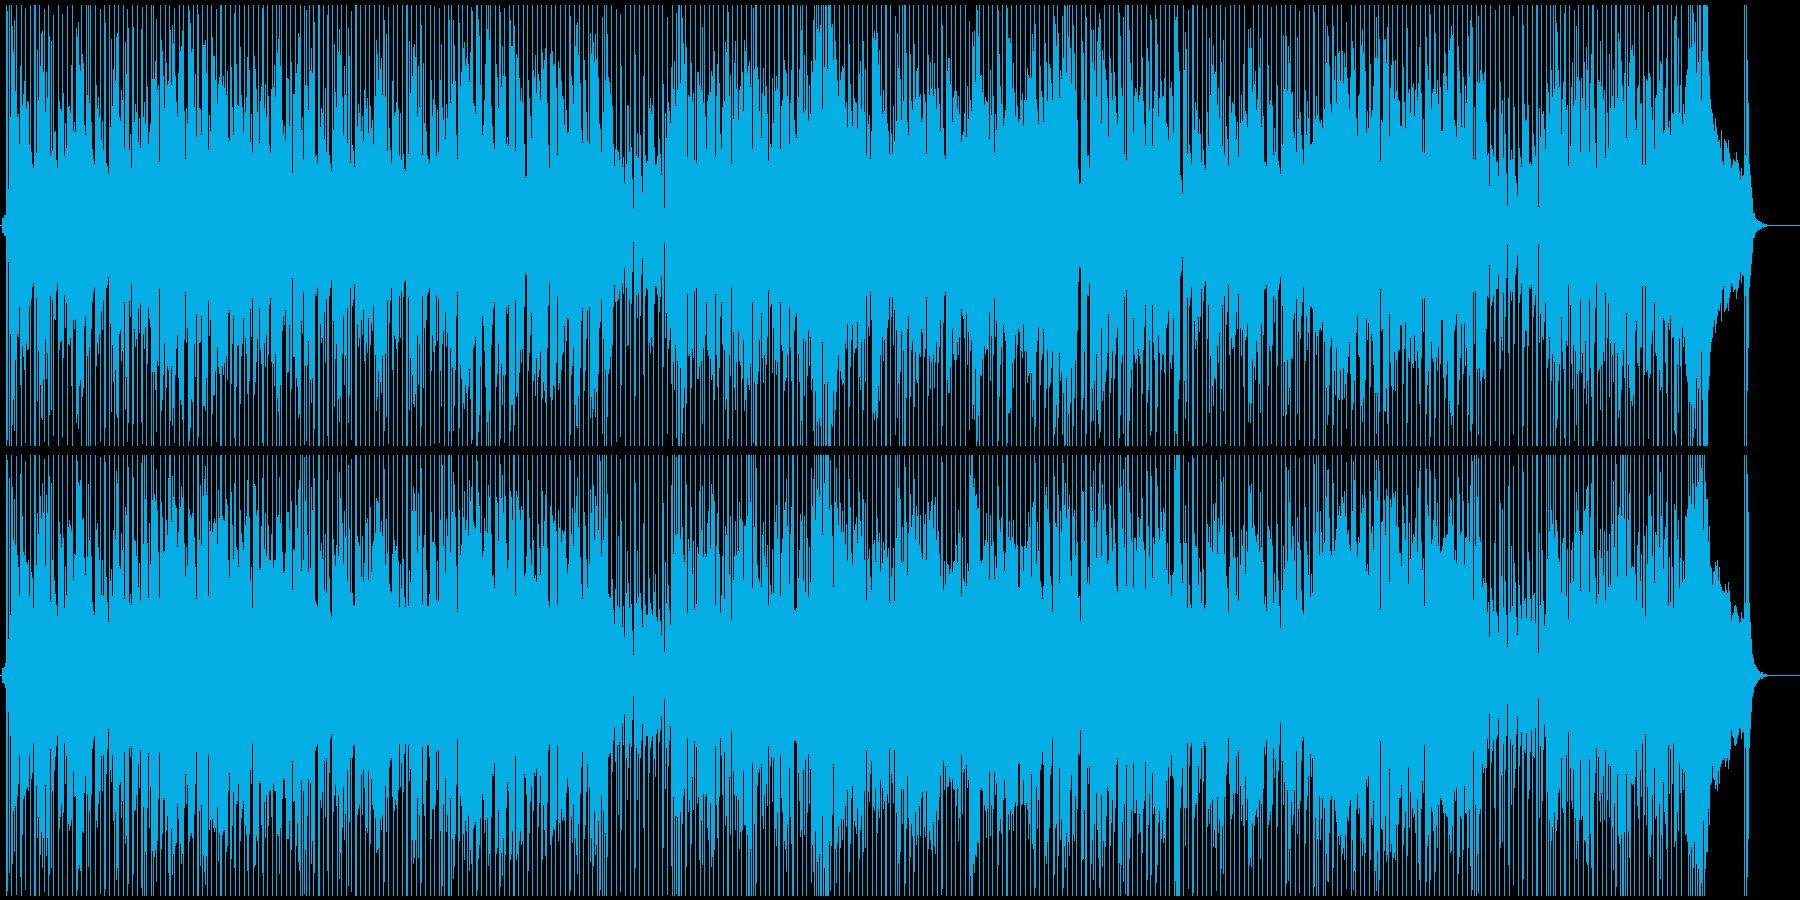 リズミカルなギターが印象的なBGMの再生済みの波形